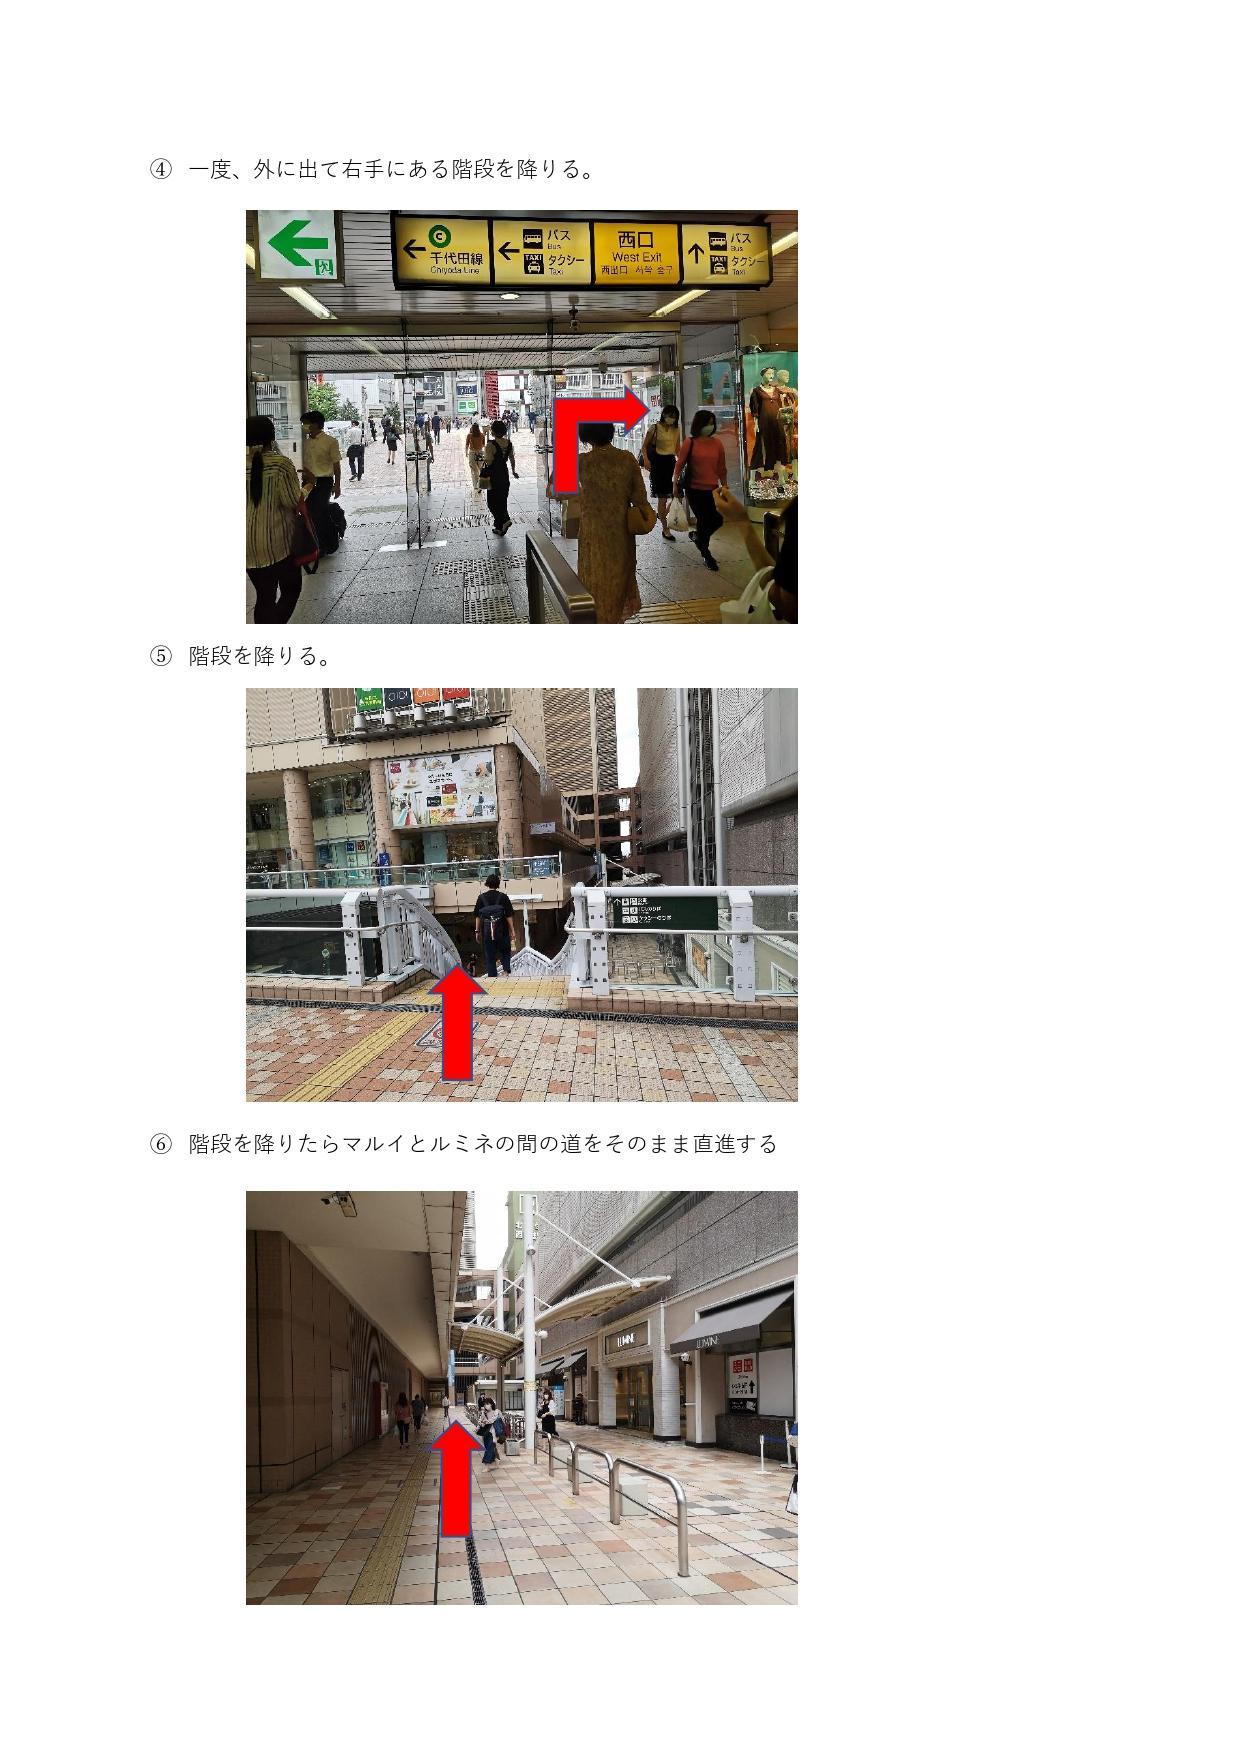 譯亥・-螟画鋤貂医∩_page-0004.jpg